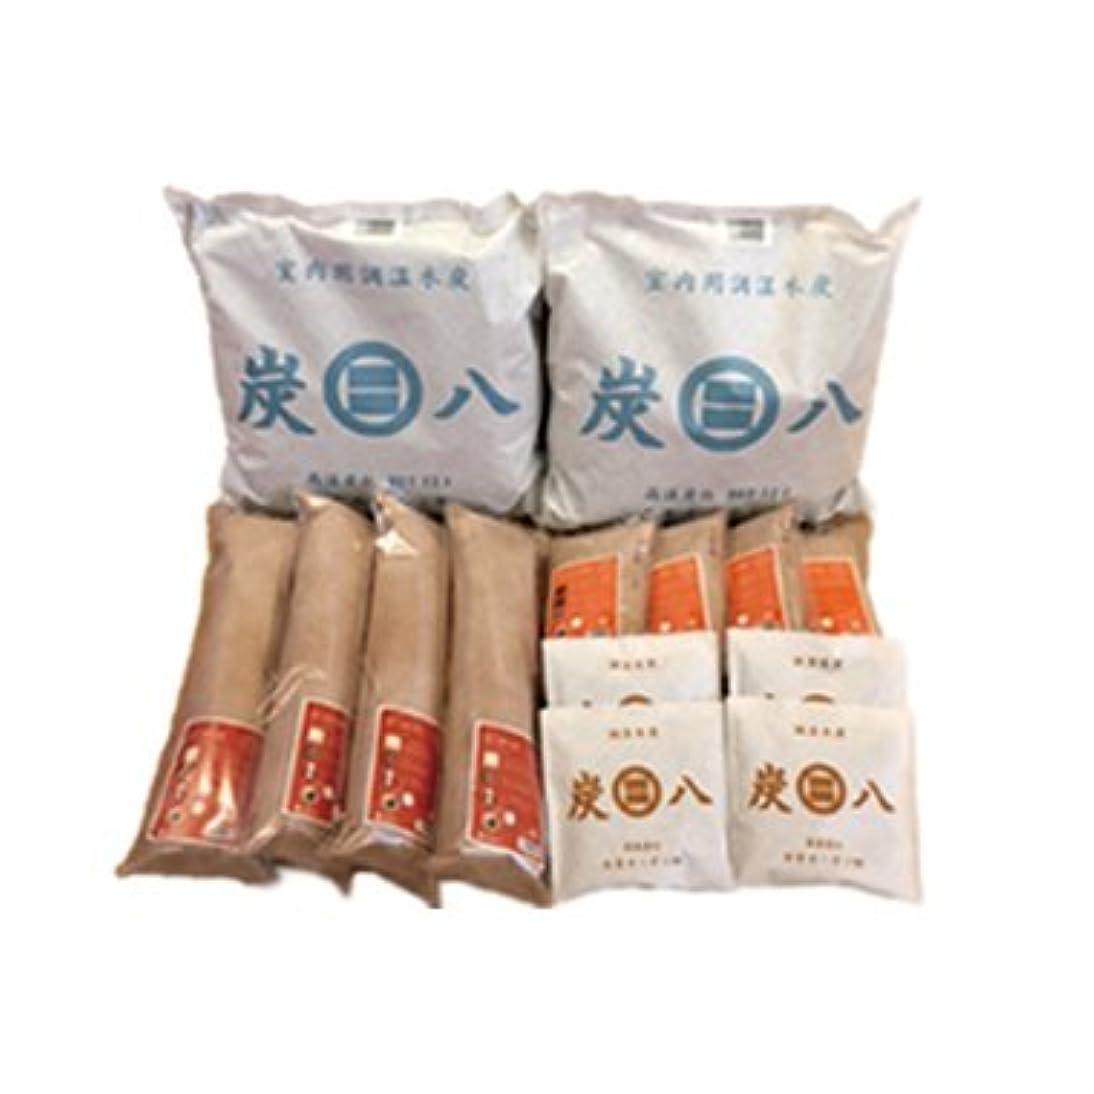 ペチコート熱帯の闘争出雲カーボン 炭八 4種類 14袋 ( 室内用2+押入れ用4+タンス用4+スマート小袋4セット )